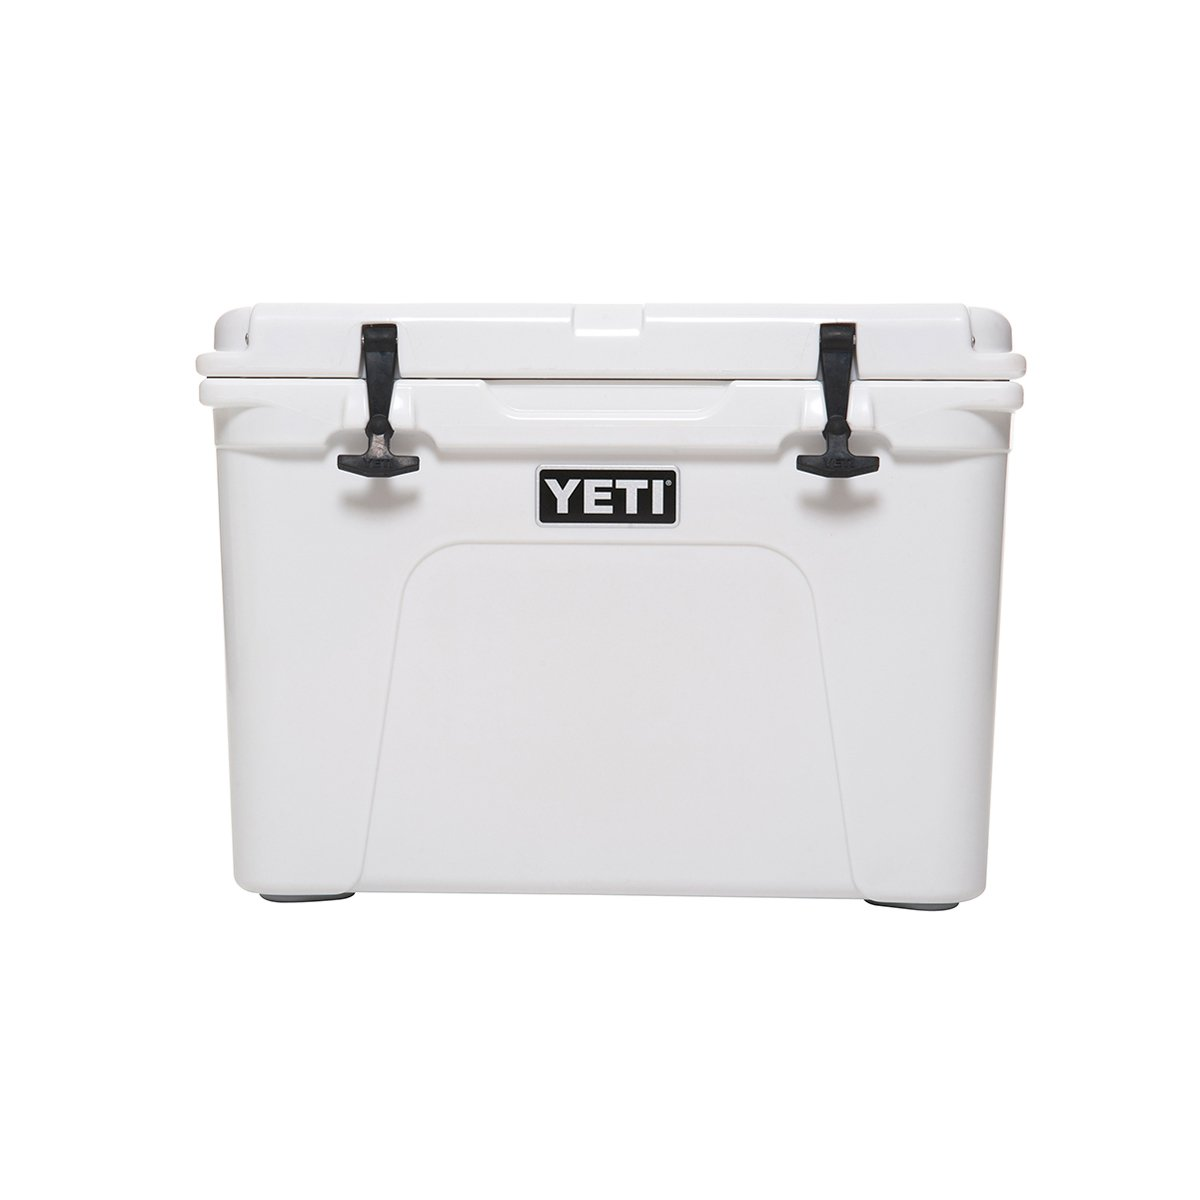 YETI/イエティ クーラーボックス タンドラ50qt ホワイト